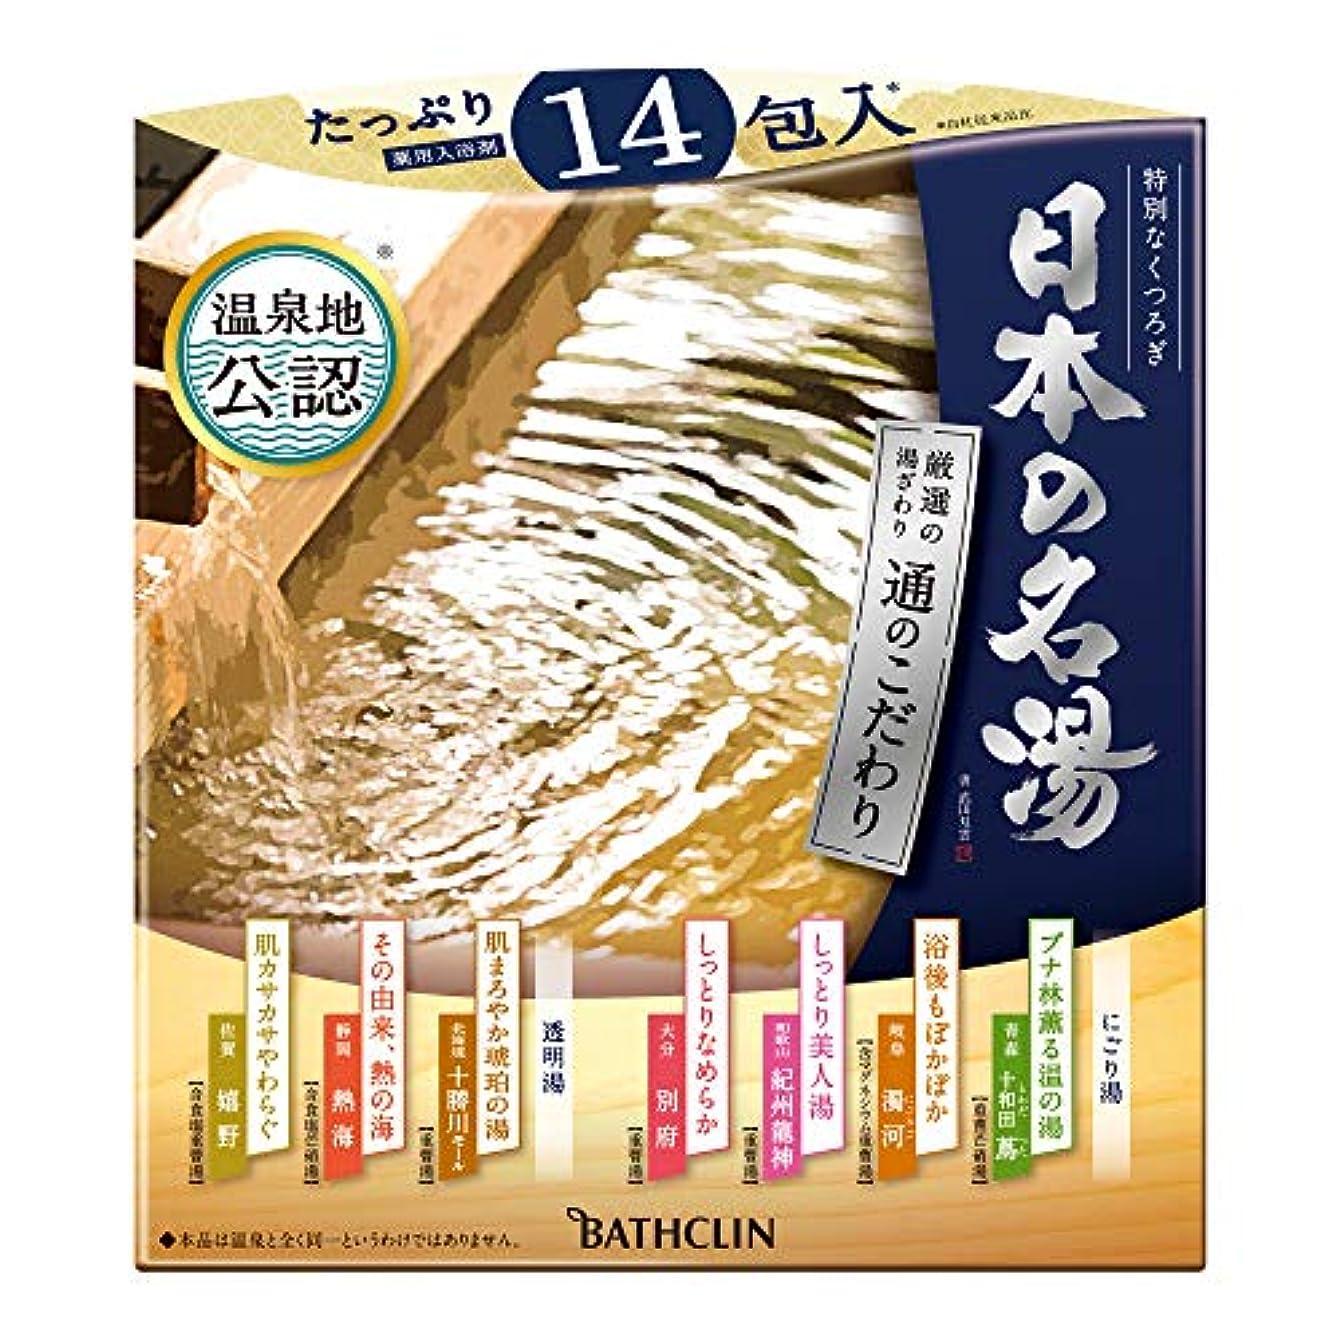 ダース私の脅威日本の名湯 通のこだわり 入浴剤 色と香りで情緒を表現した温泉タイプ入浴剤 セット 30g×14包